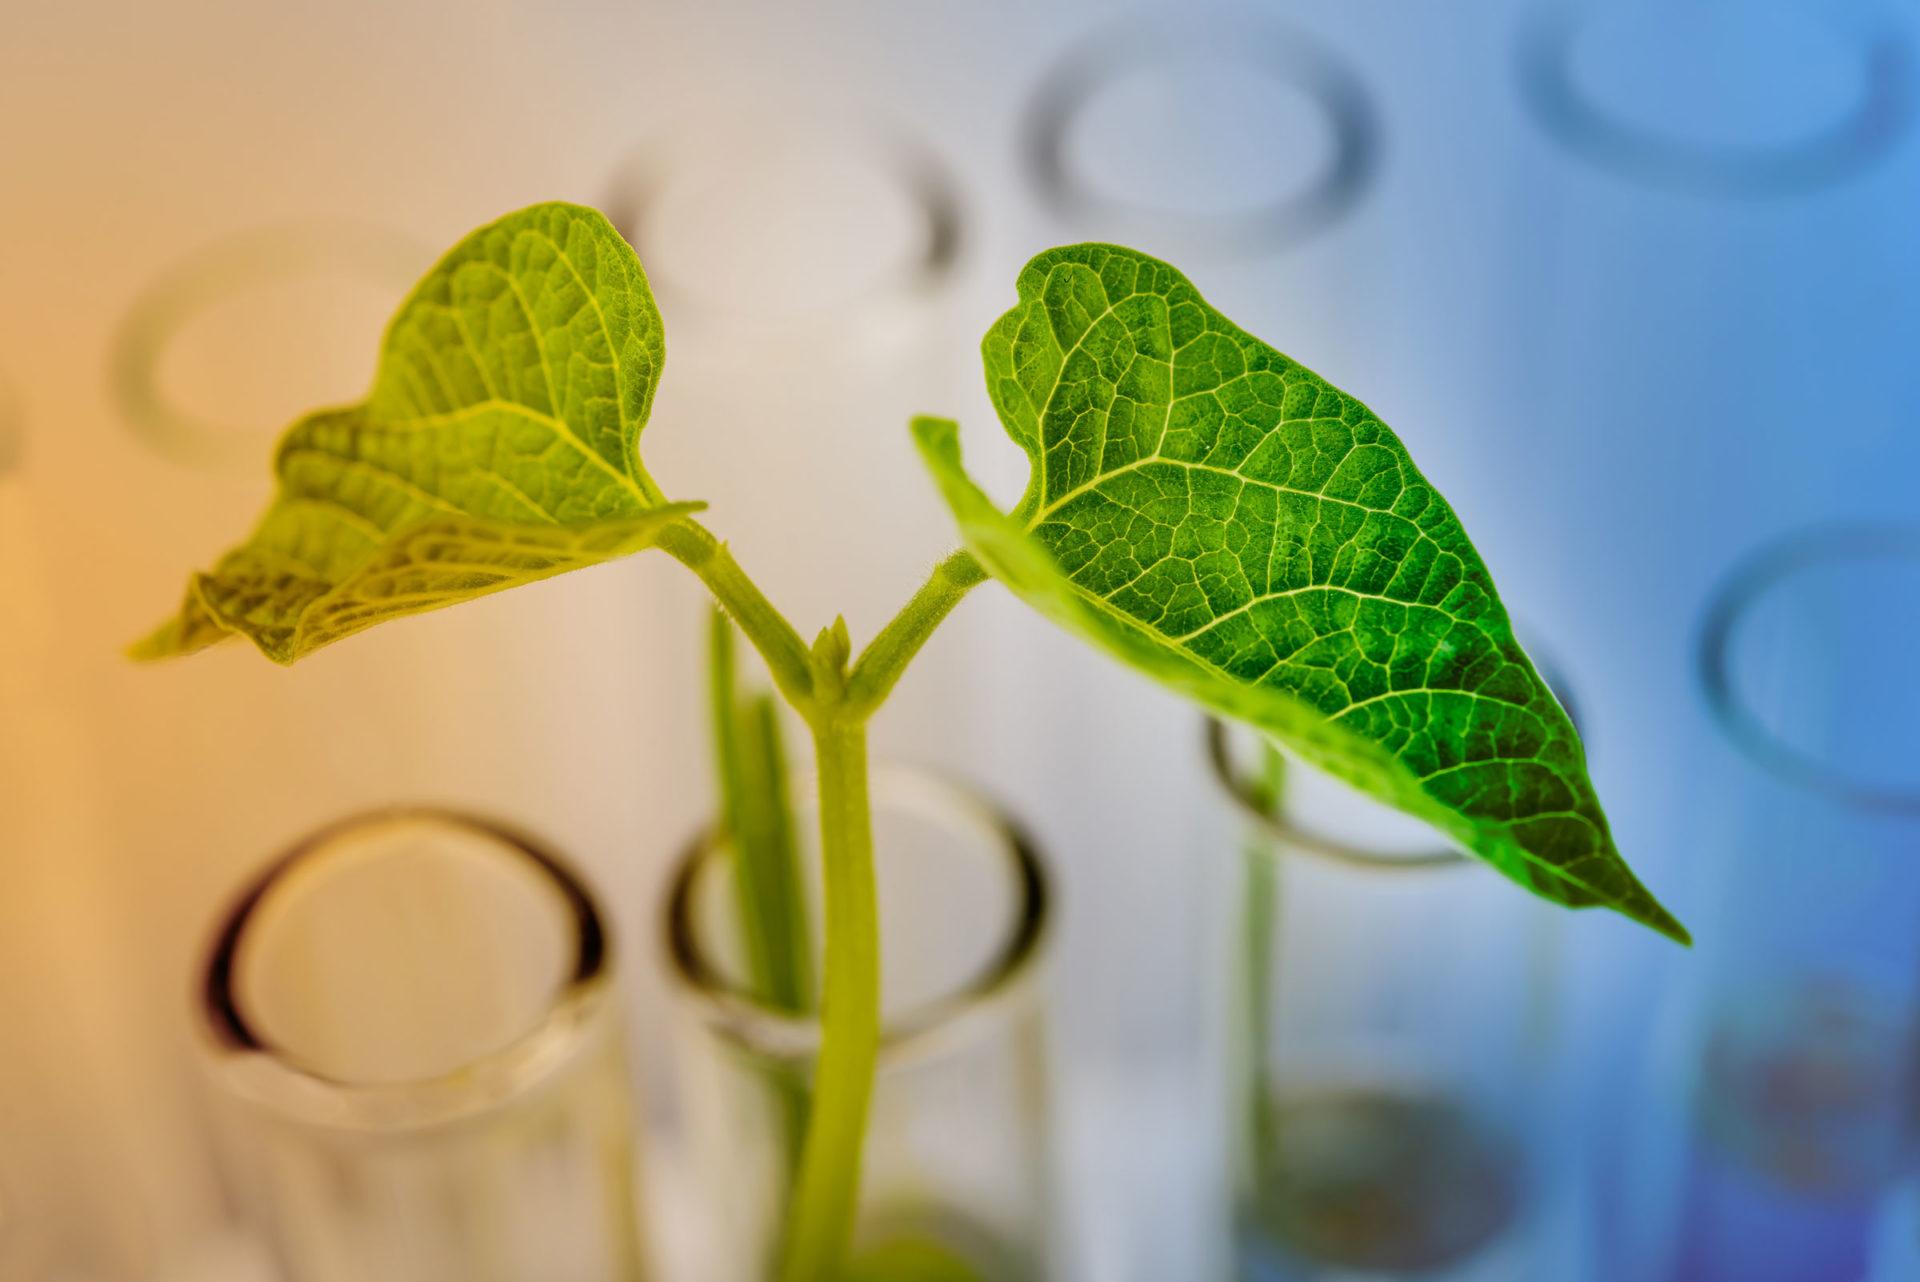 Kennis drijft de biobased chemie in het Noorden